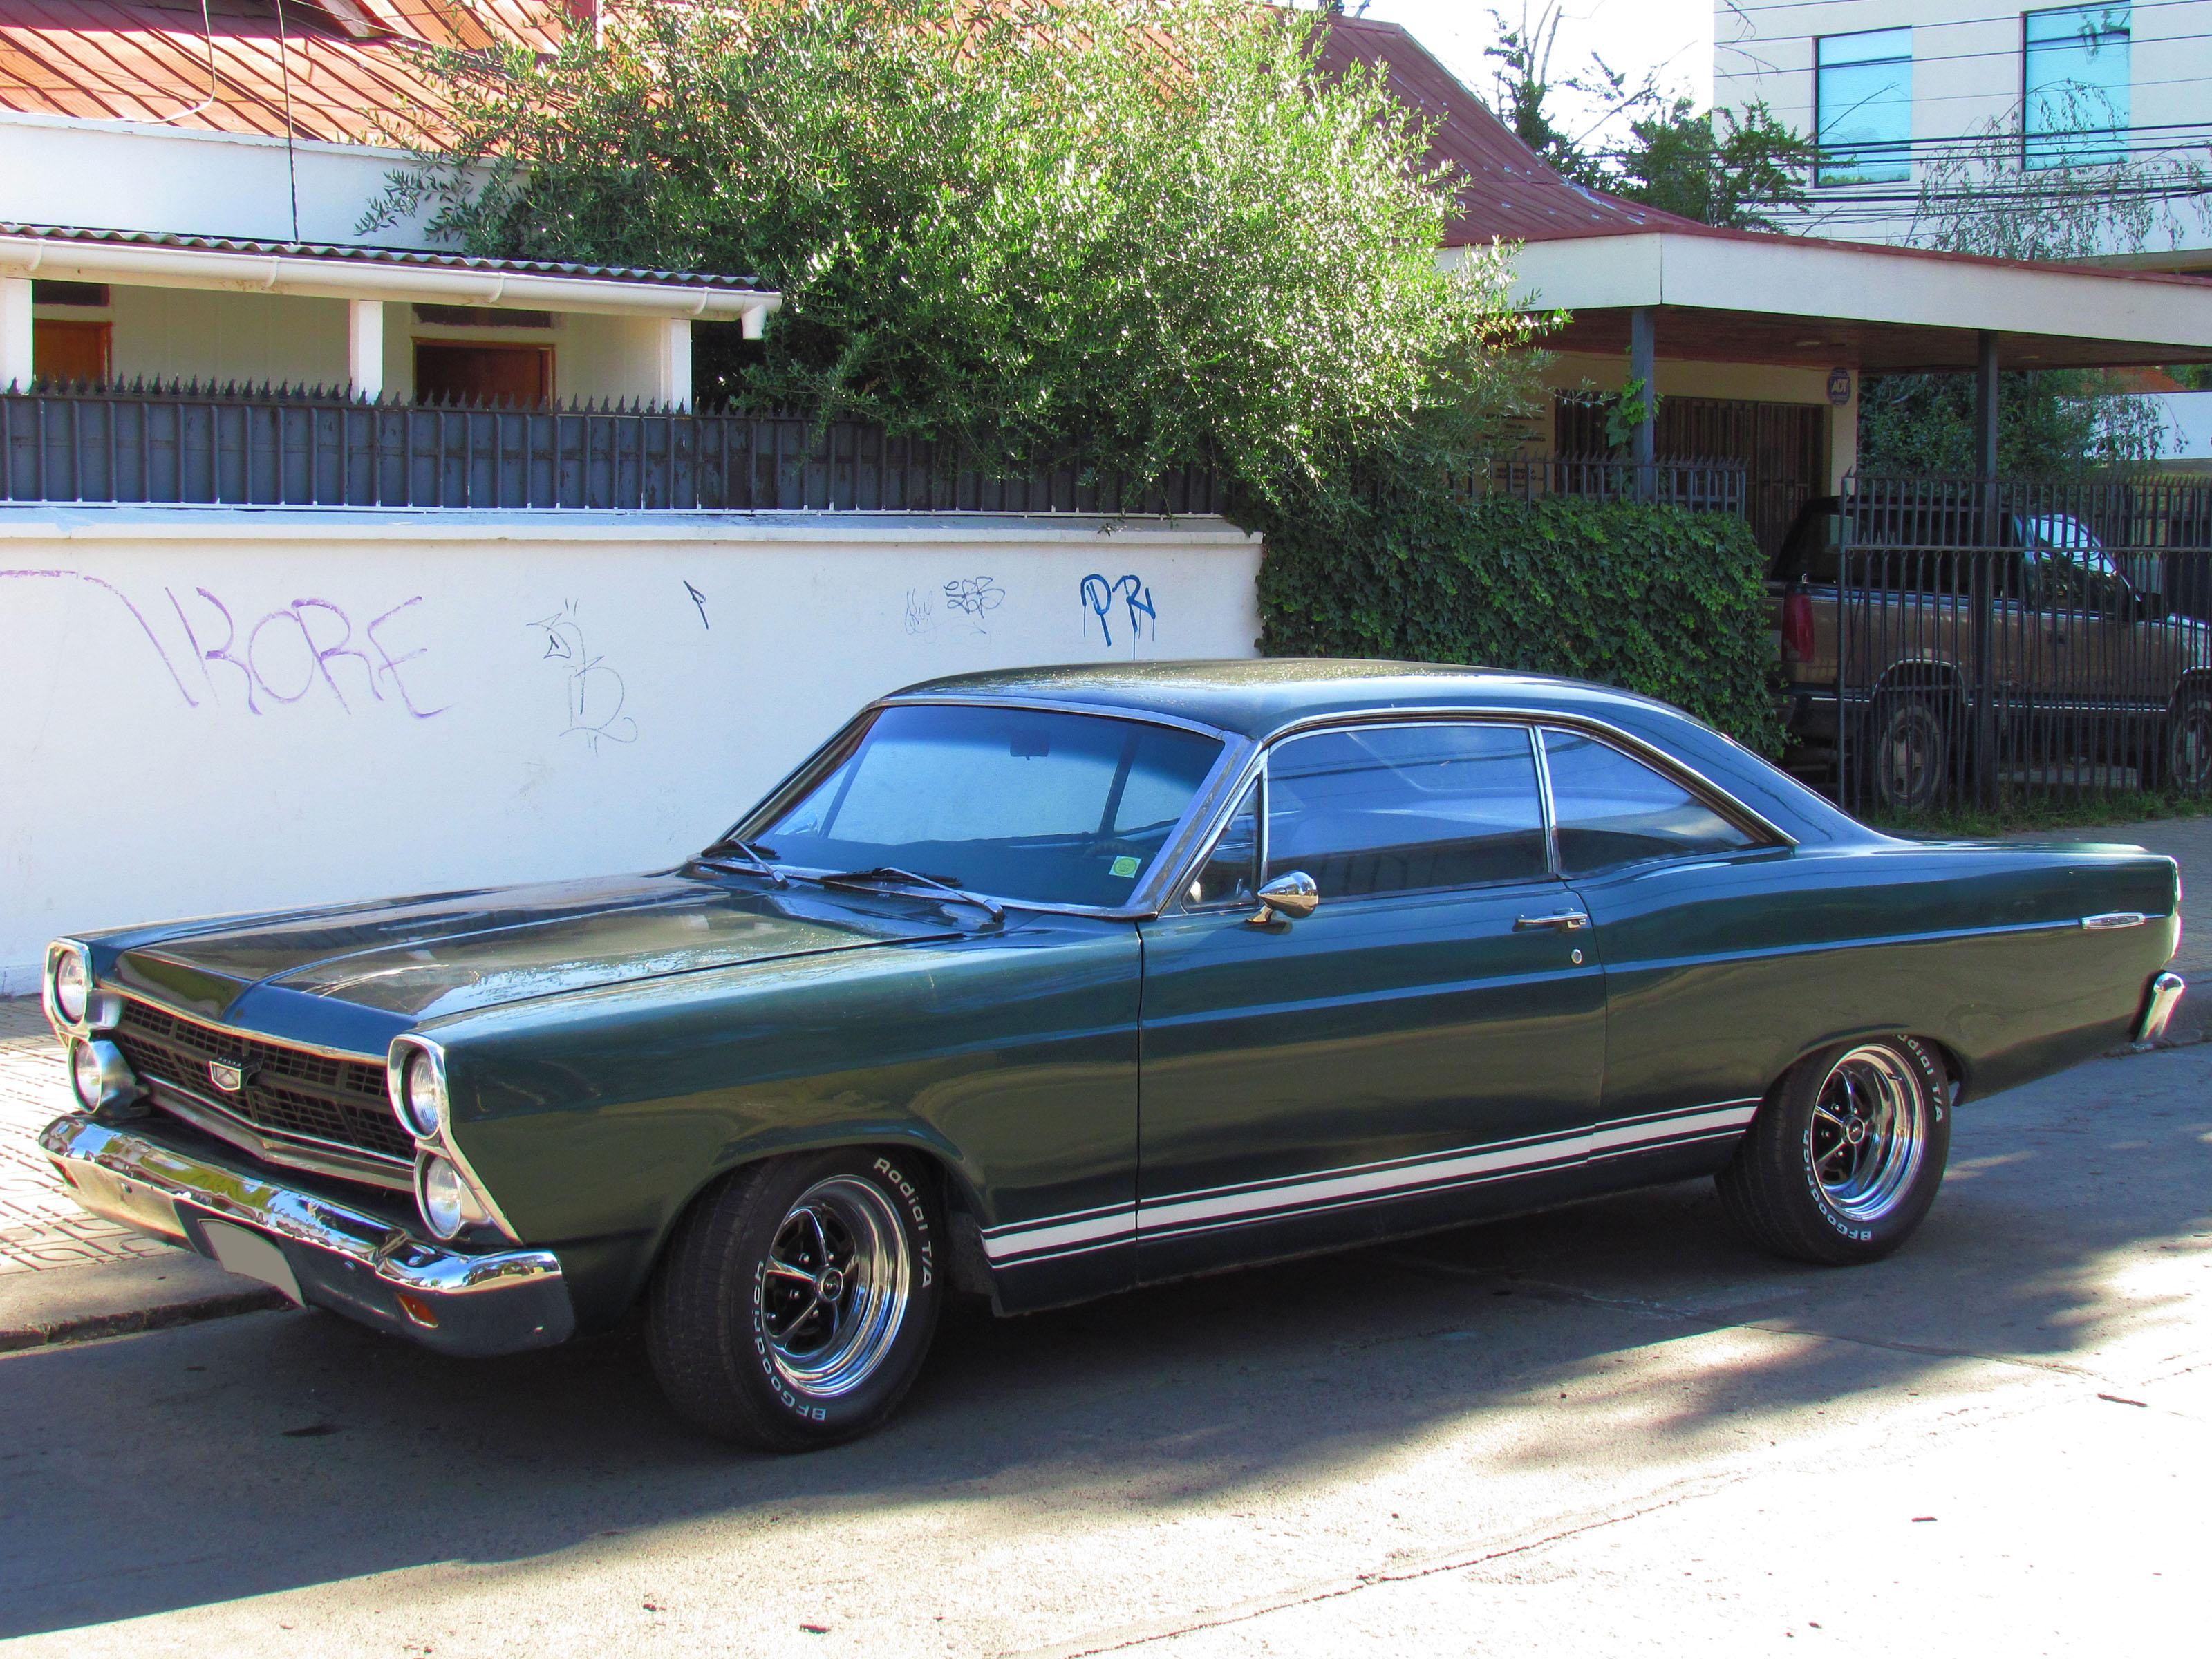 FileFord Fairlane 500 Coupe 1966 14329116549